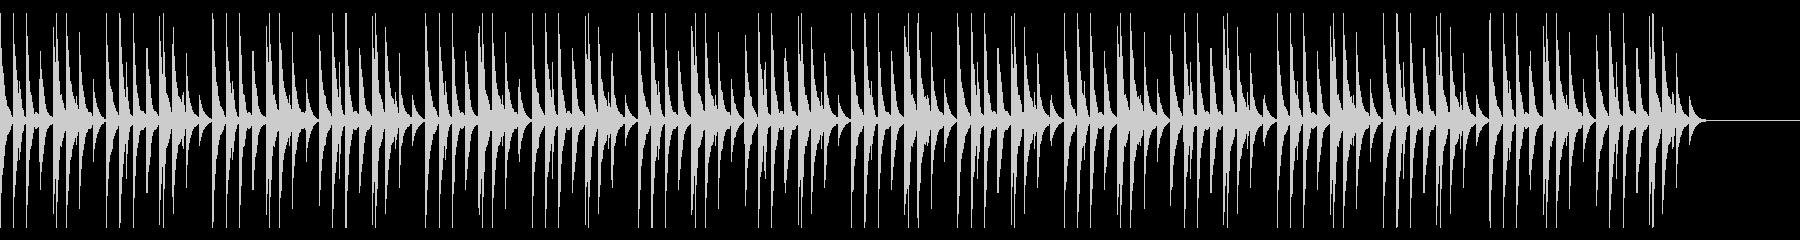 悲しいピアノソロaの未再生の波形